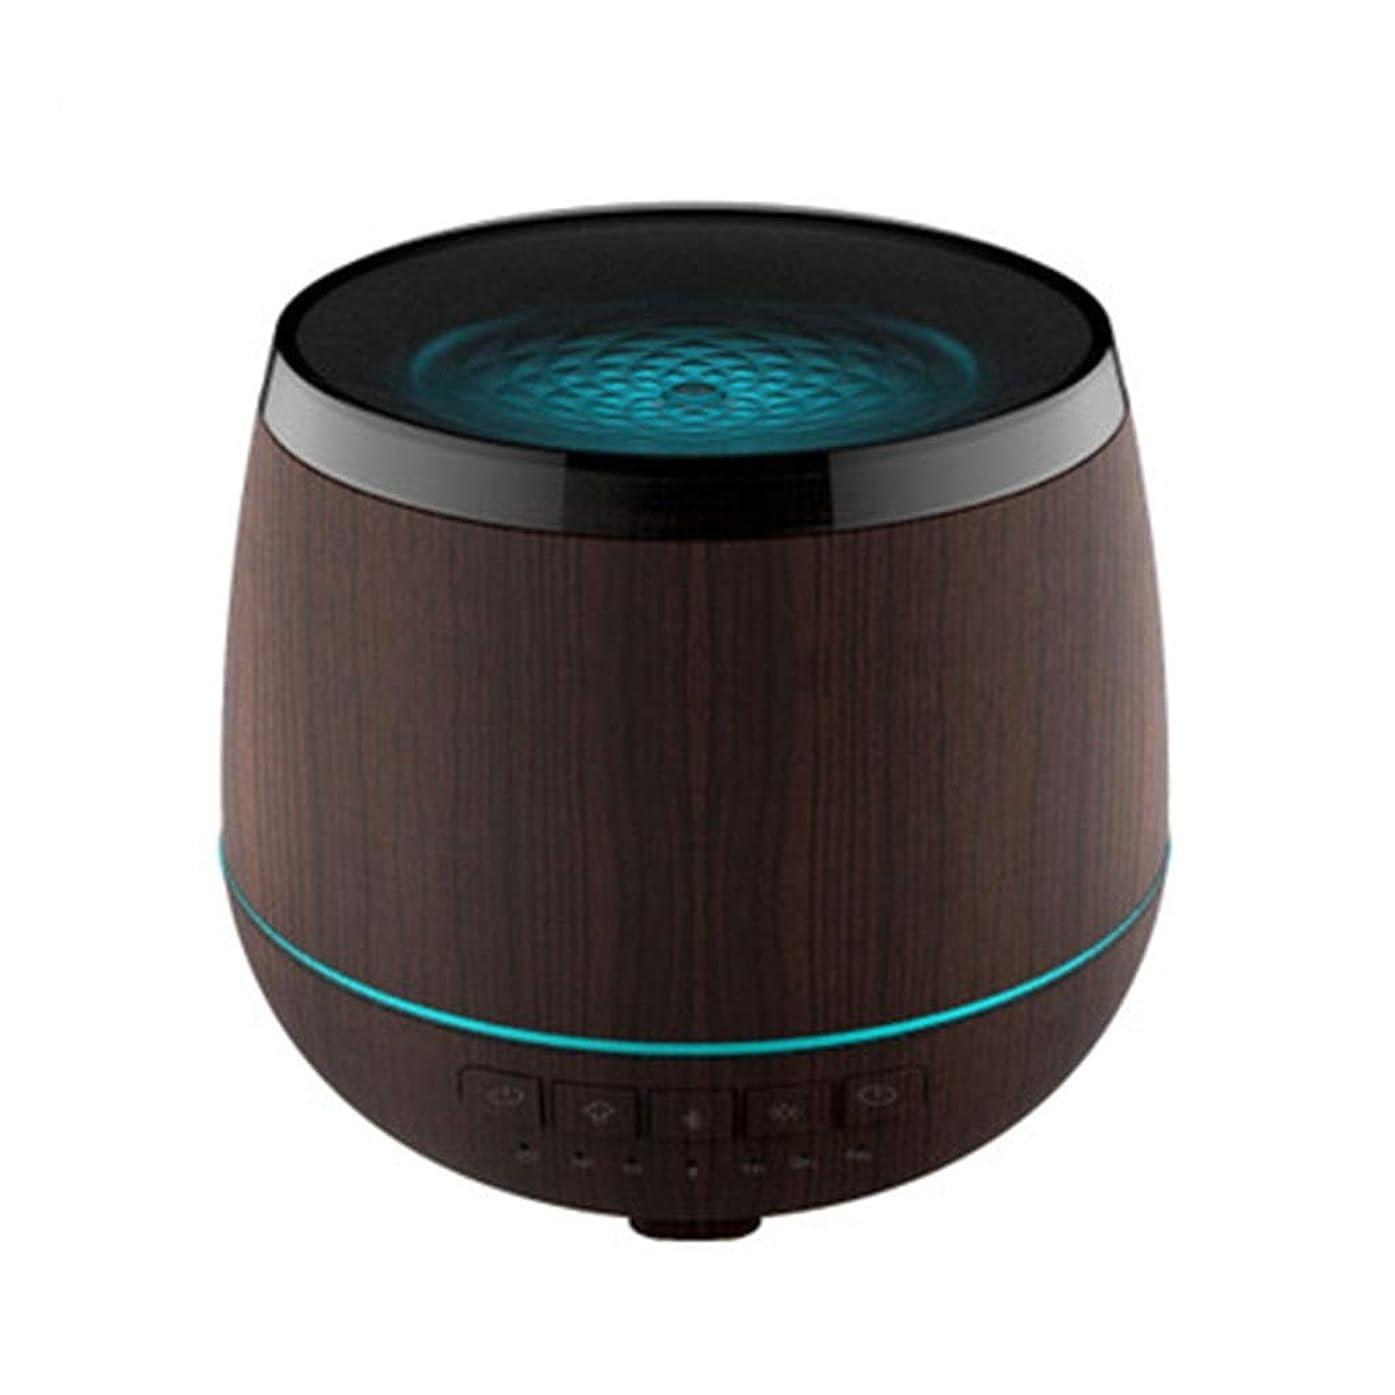 統計道に迷いました倒錯スマートなブルートゥースのスピーカーの加湿器、可聴周波超音波炉の必要な夜ライト無言の本社 (Color : Black)